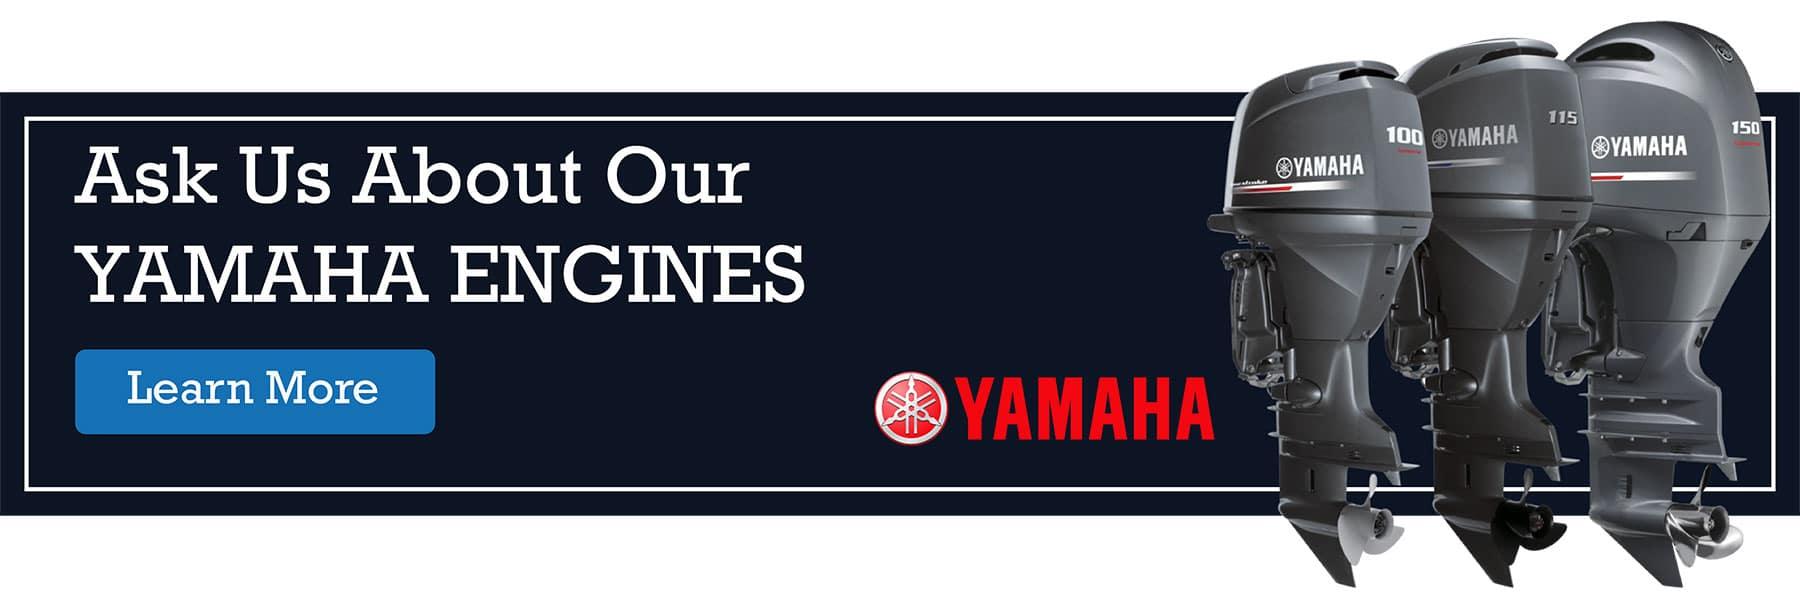 yamaha-banner